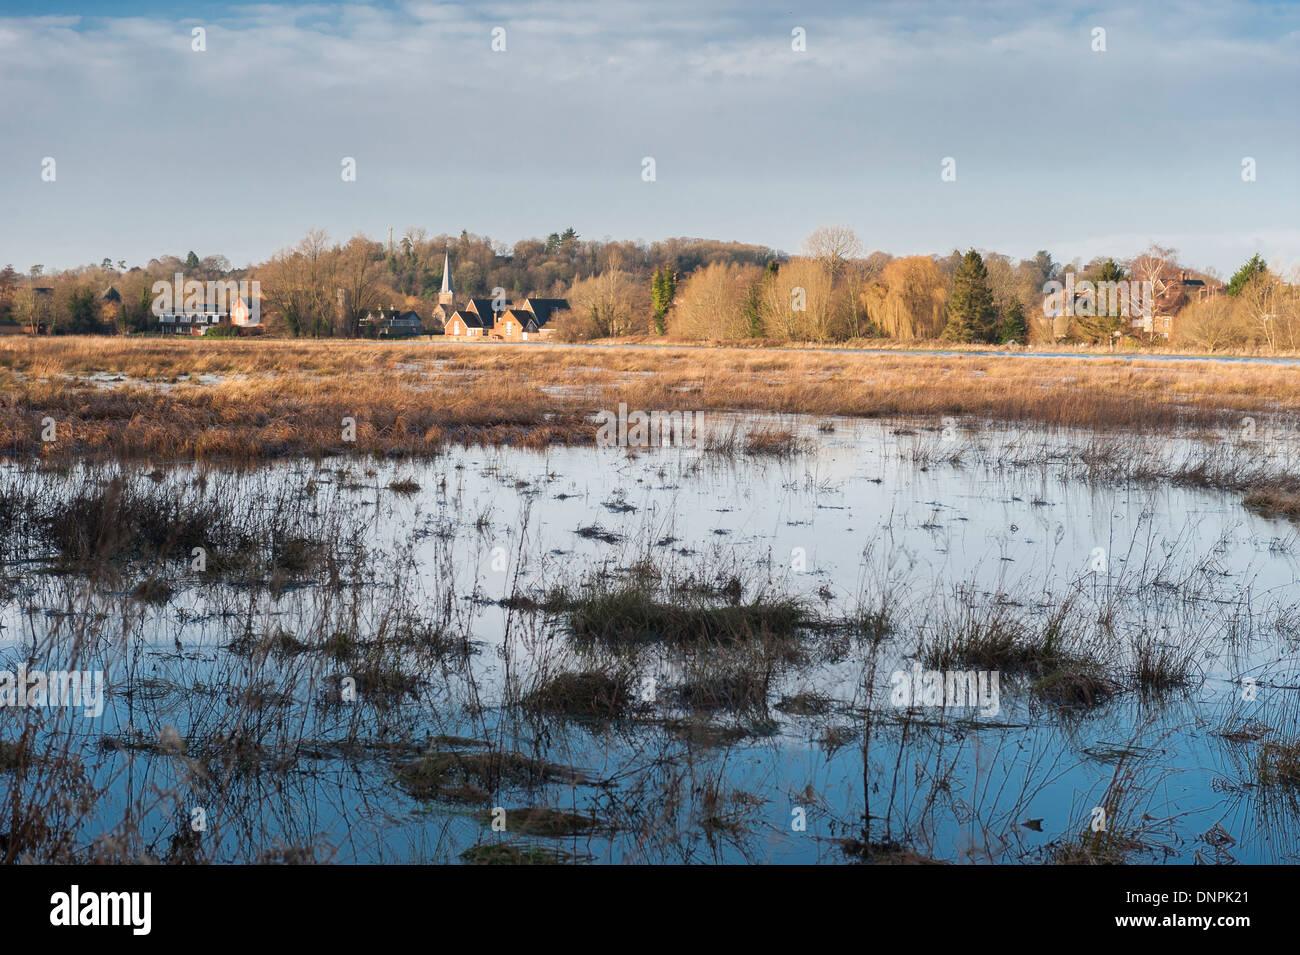 Flooding, 2014, Godalming, Surrey, England - Stock Image